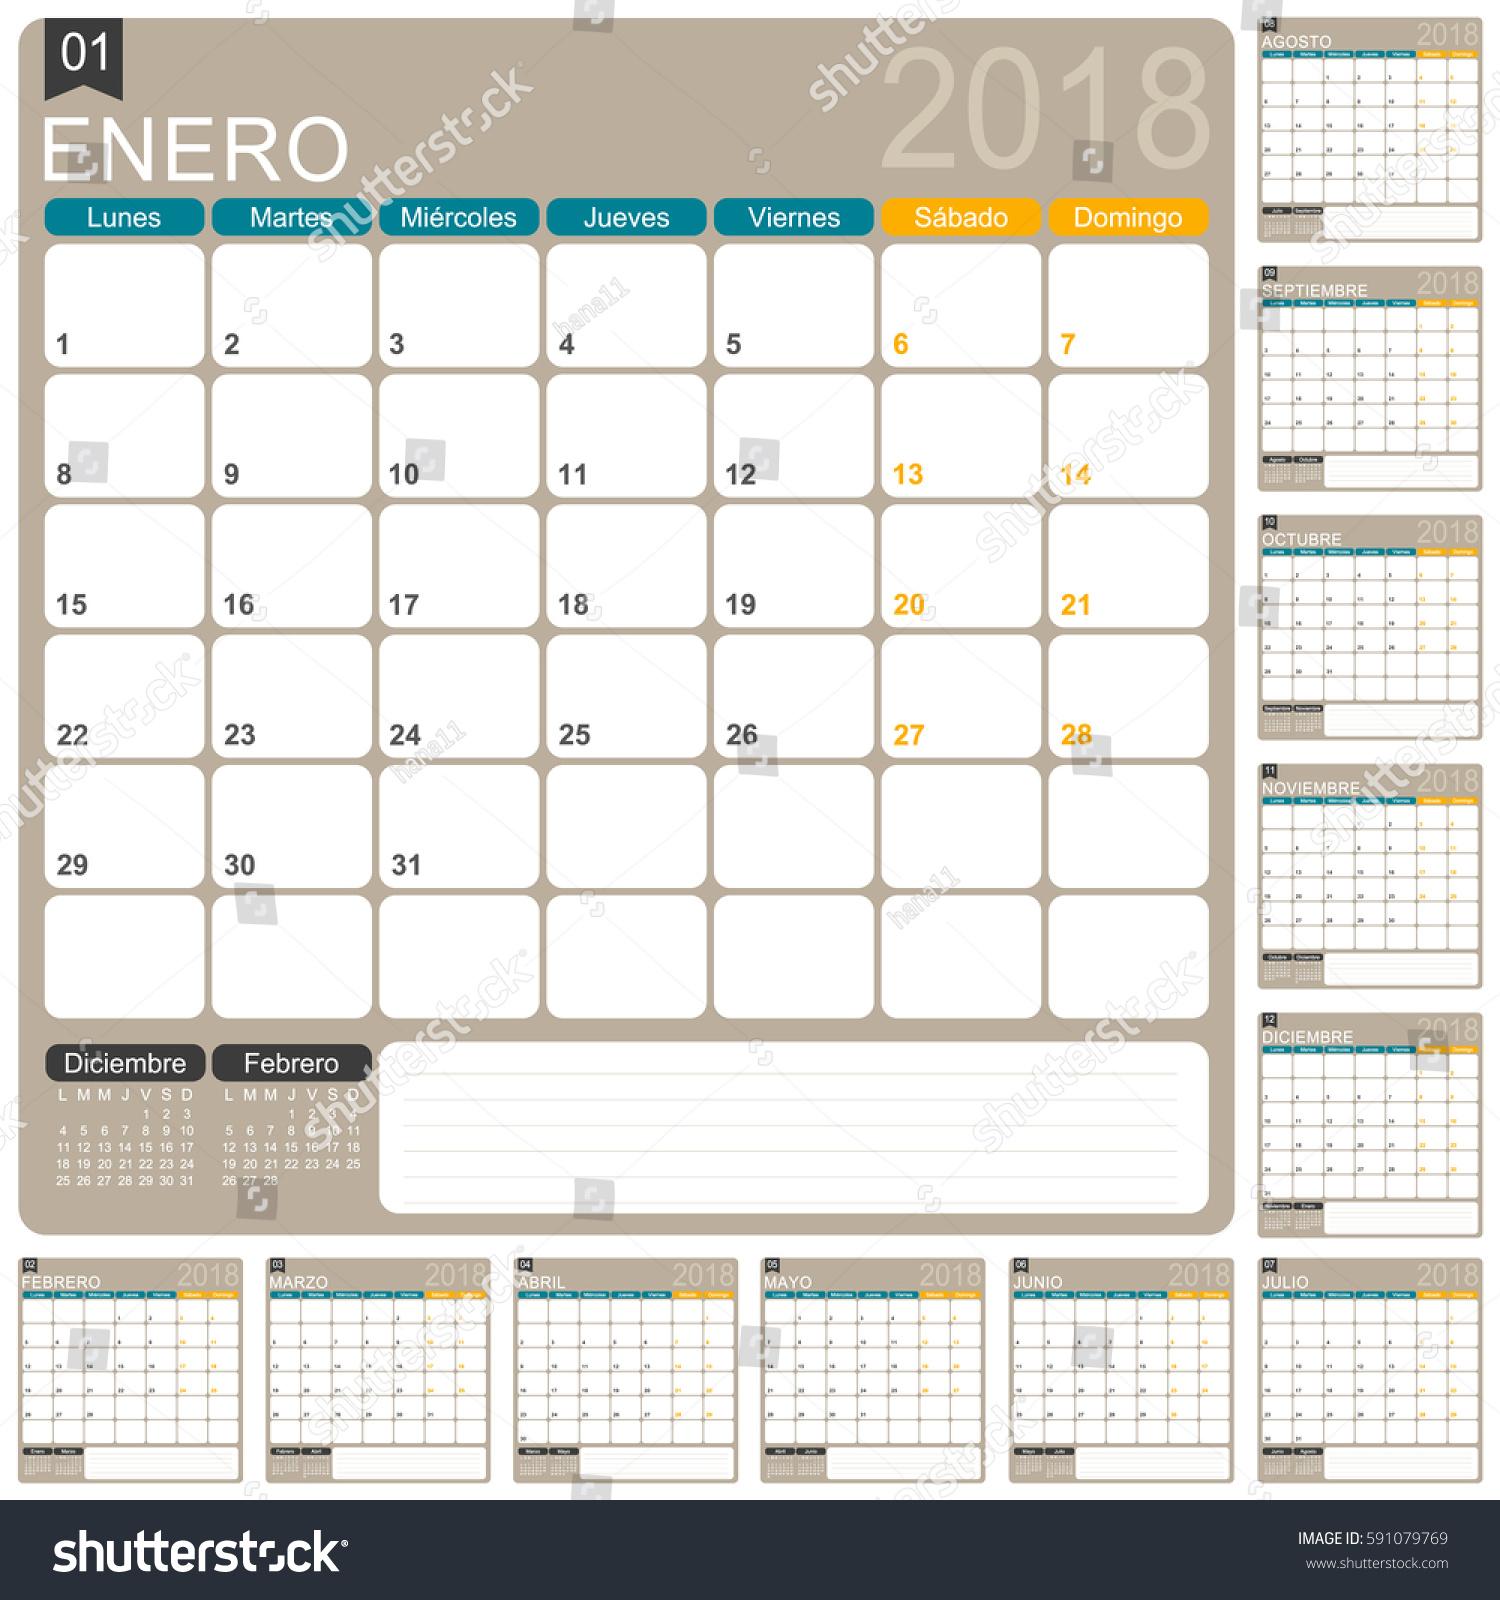 Calendar 2018 Spanish Calendar Template Year Stock Vector 591079769